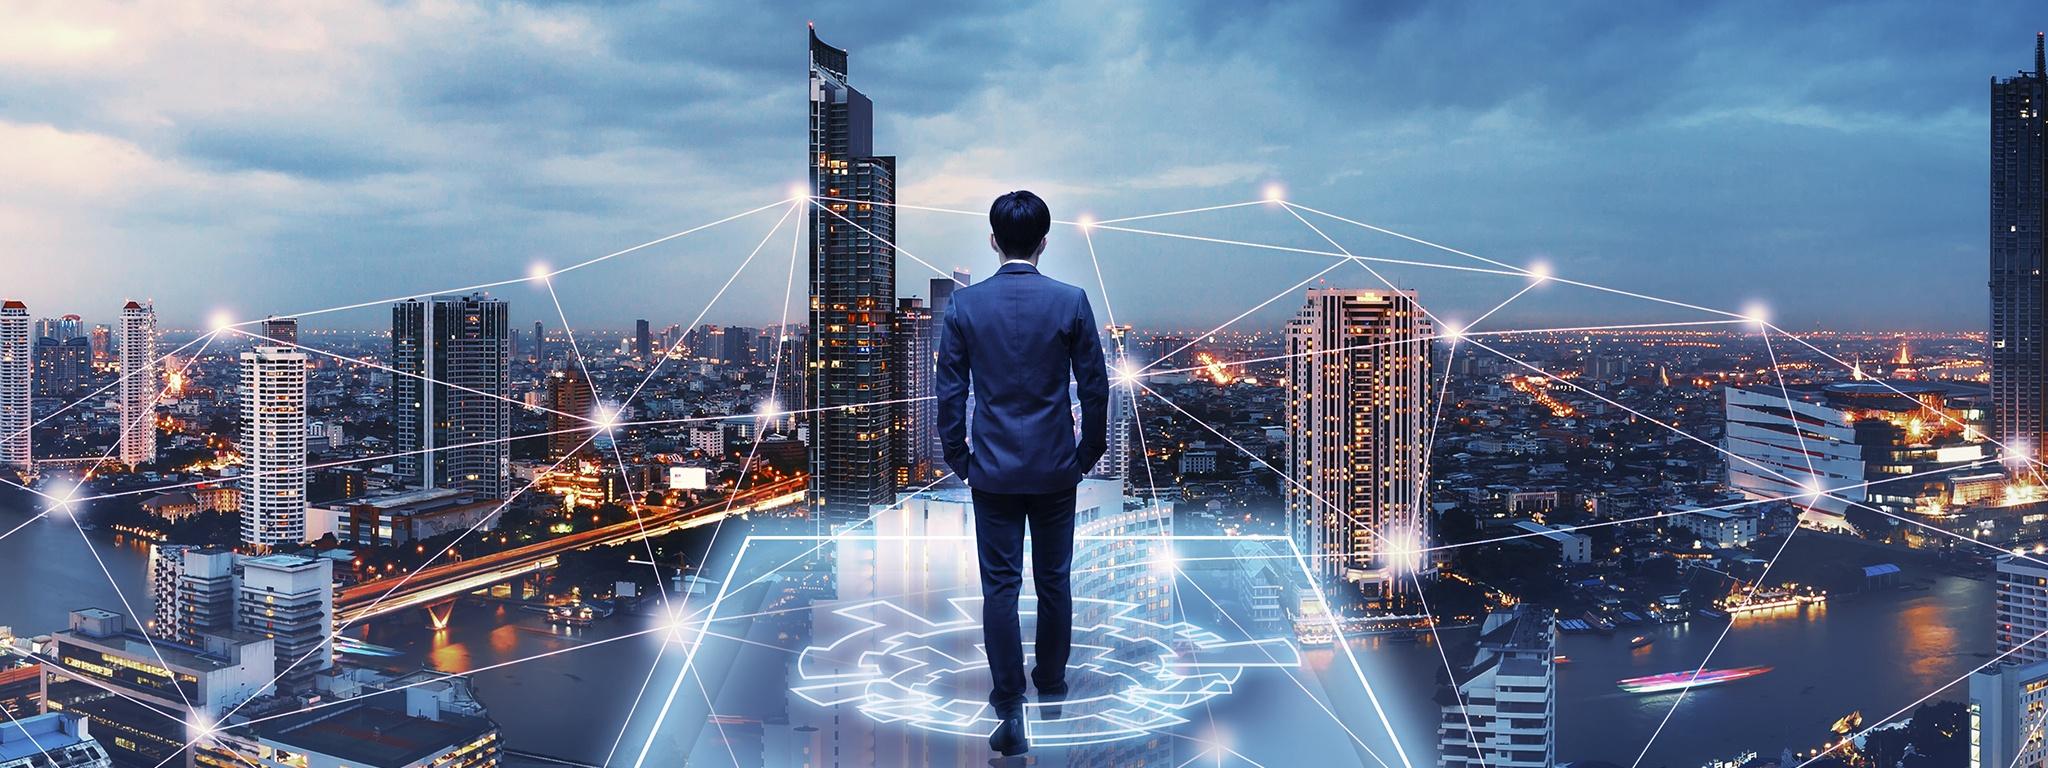 Immagine di un uomo che cammina lungo una rete virtuale all'interno di una grigli raffigurante una rete sullo sfondo di una città